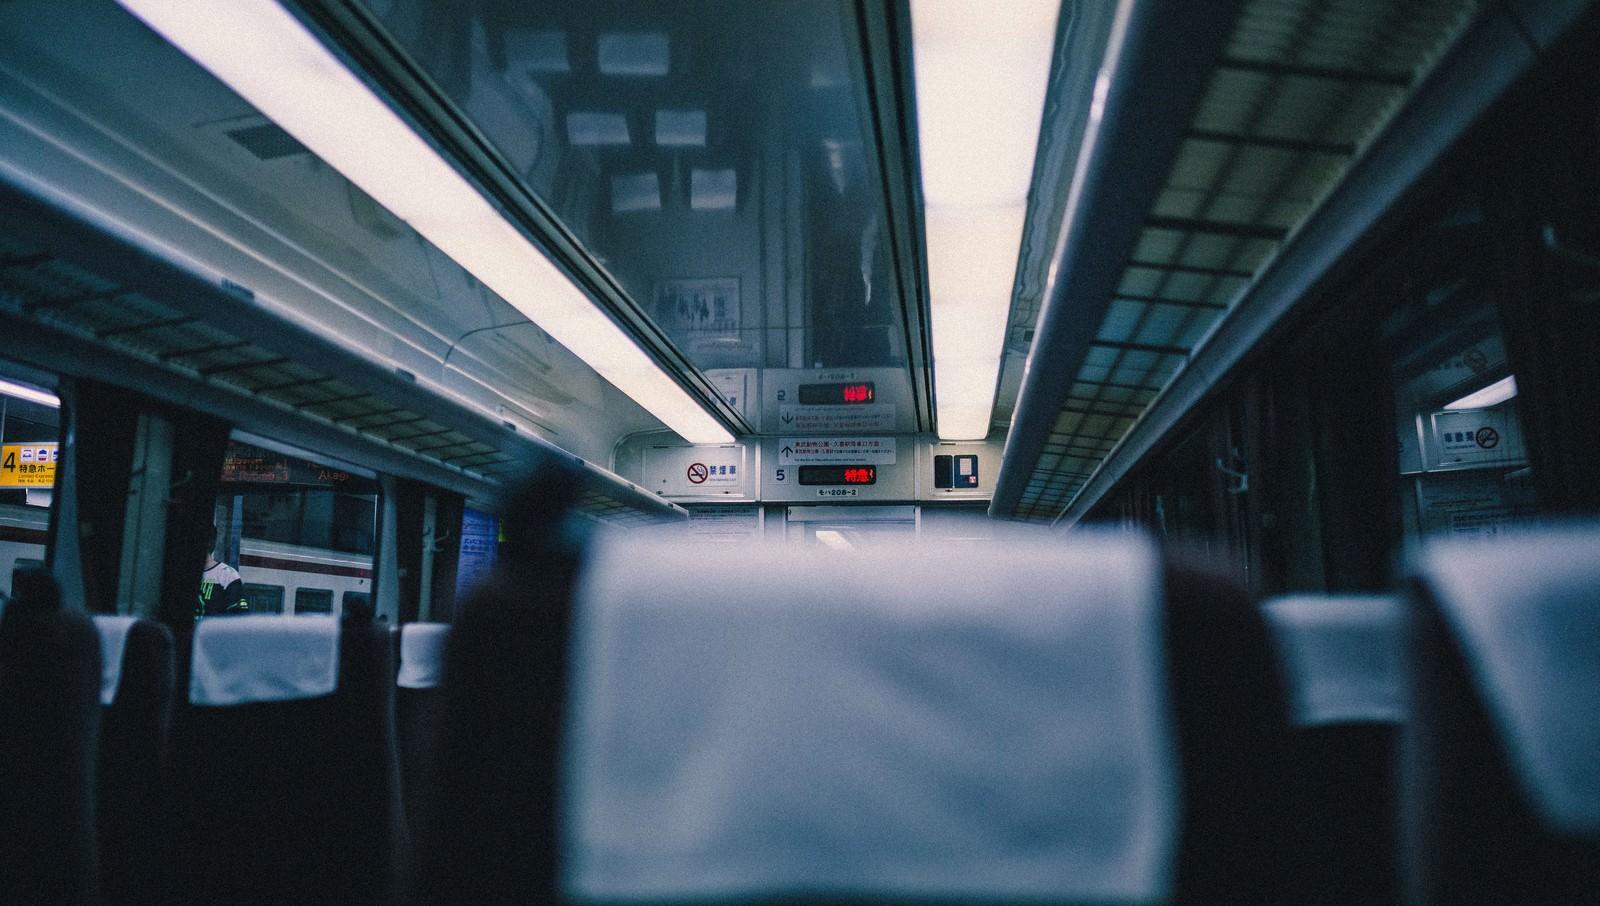 「特急電車の座席」の写真